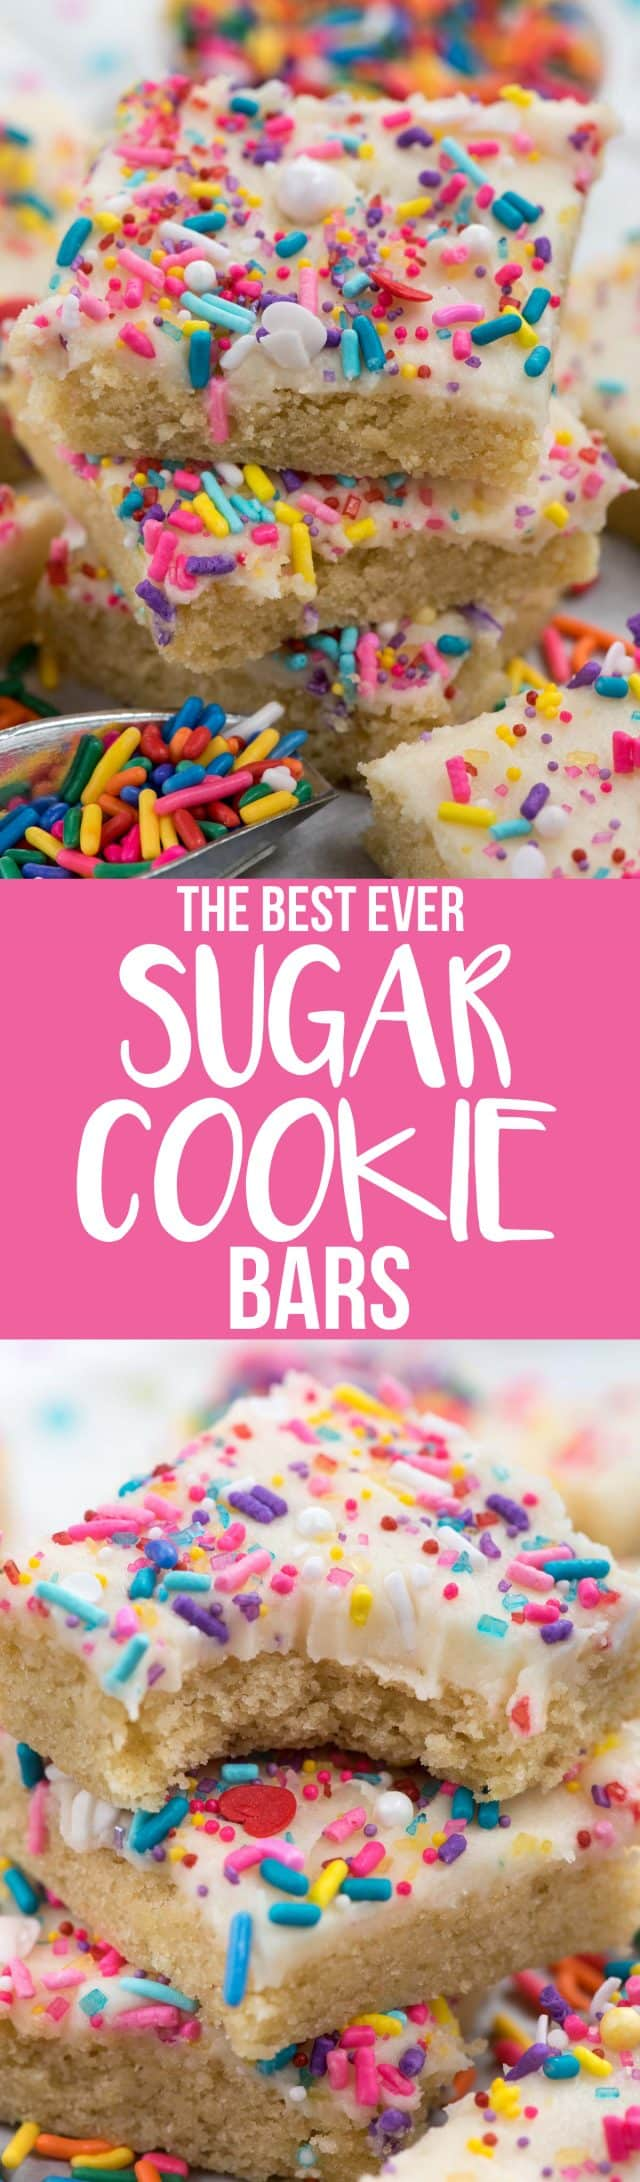 sugar cookie bar collage